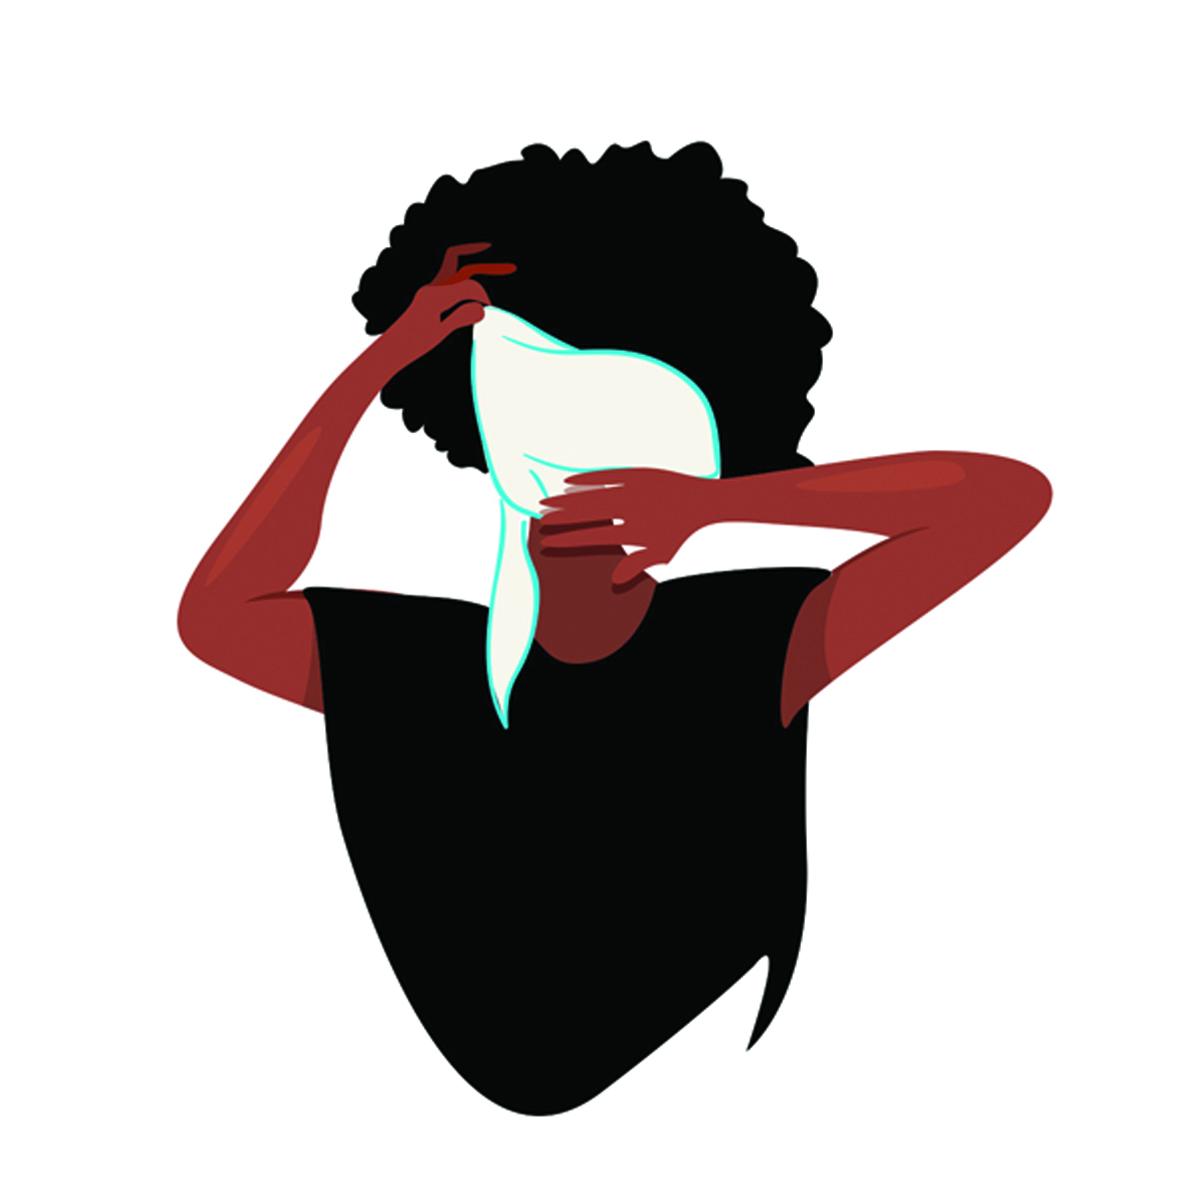 B tuto 1 foulard - anform magazine santé bien-être